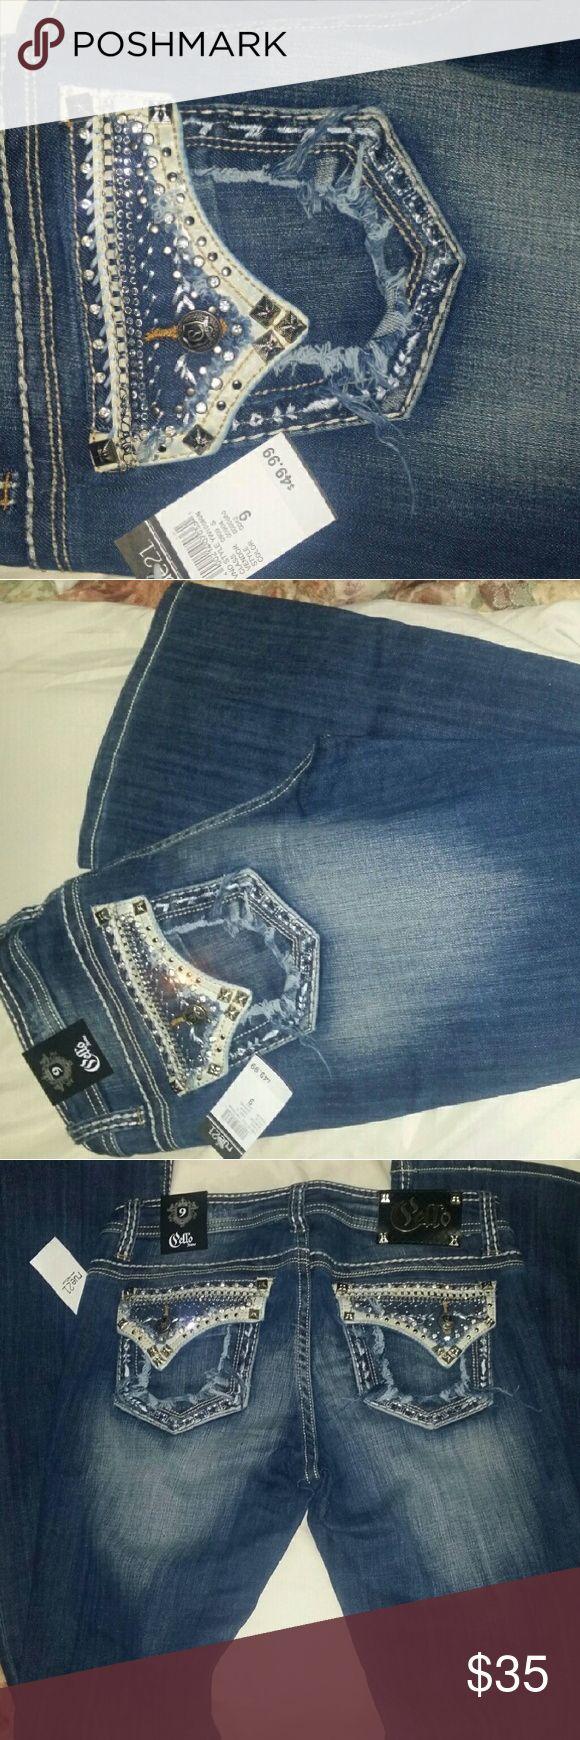 Rue21 Cello Jeans, brand new w/t. Rue21 Cello Jeans bnwt, size 9, inseam 33 Rue 21 Jeans Boot Cut